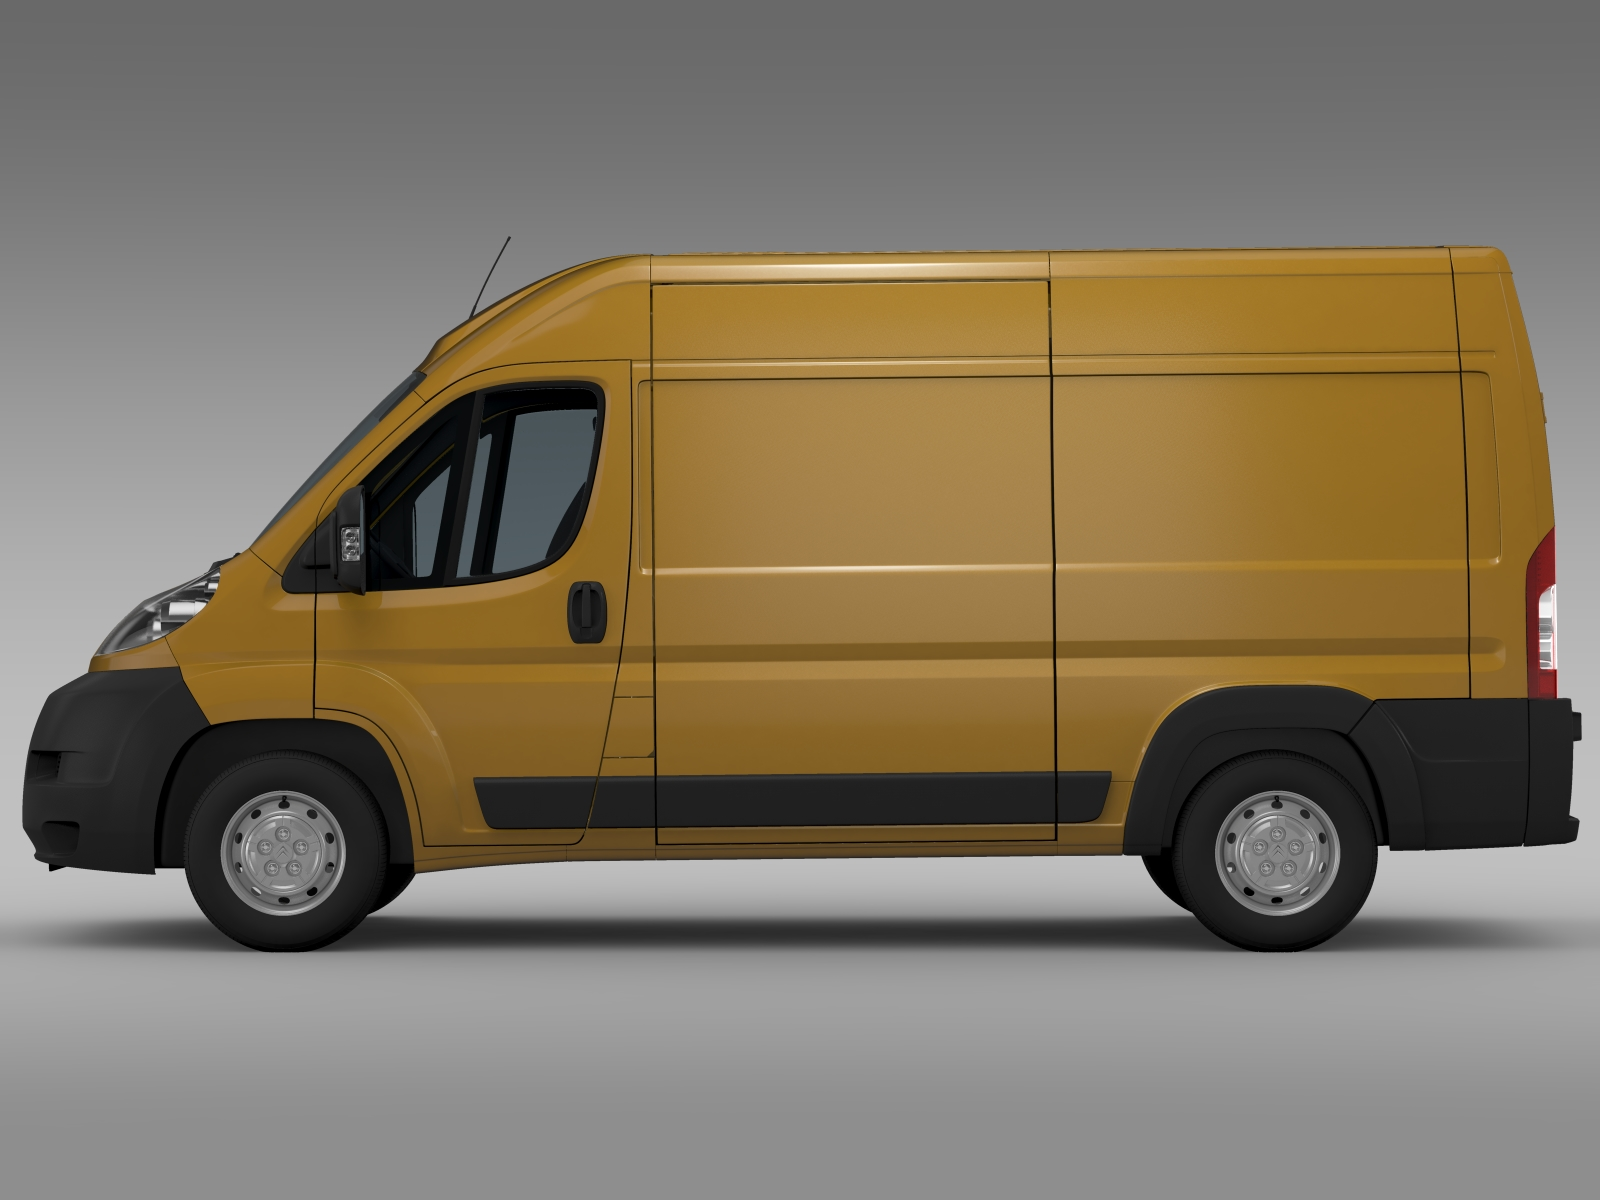 citroen jumper 250 l2h2 2006 2014 3d model buy citroen jumper 250 l2h2 2006 2014 3d model. Black Bedroom Furniture Sets. Home Design Ideas